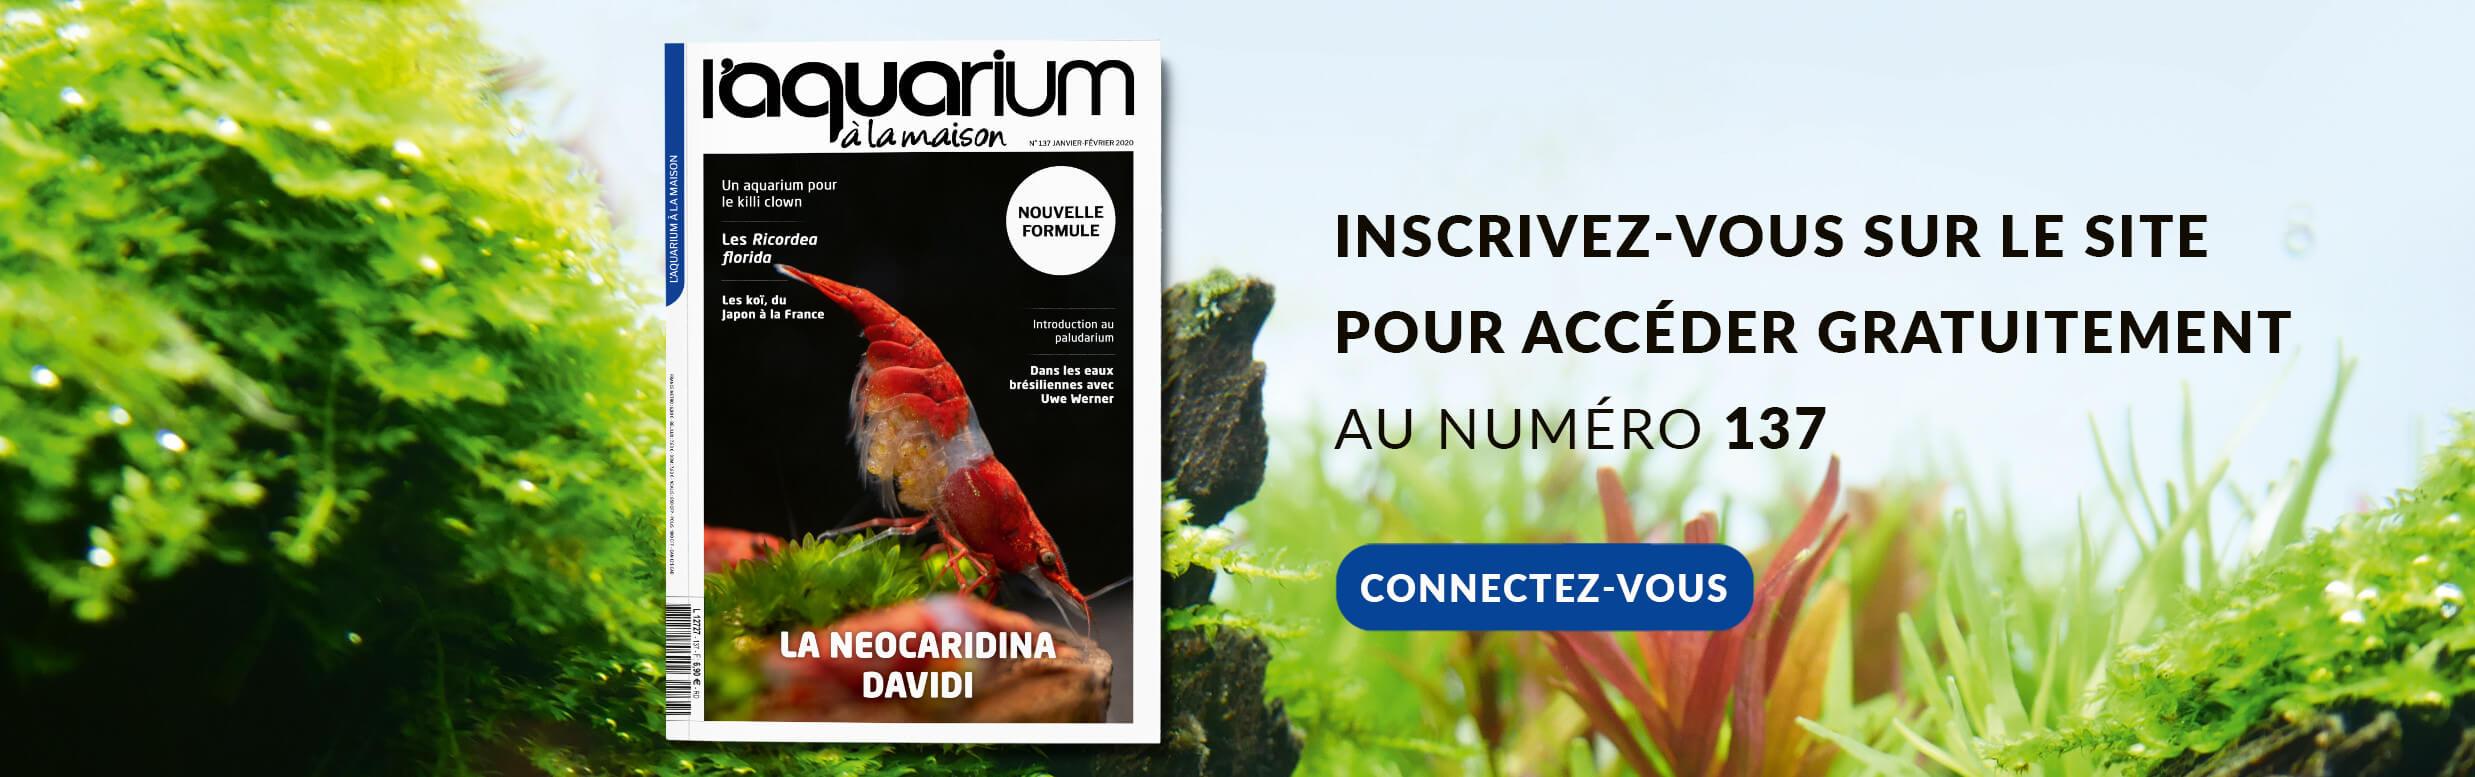 Découvrez le Numéro 137 du magazine, le premier dans sa nouvelle formule ! Bonne lecture !